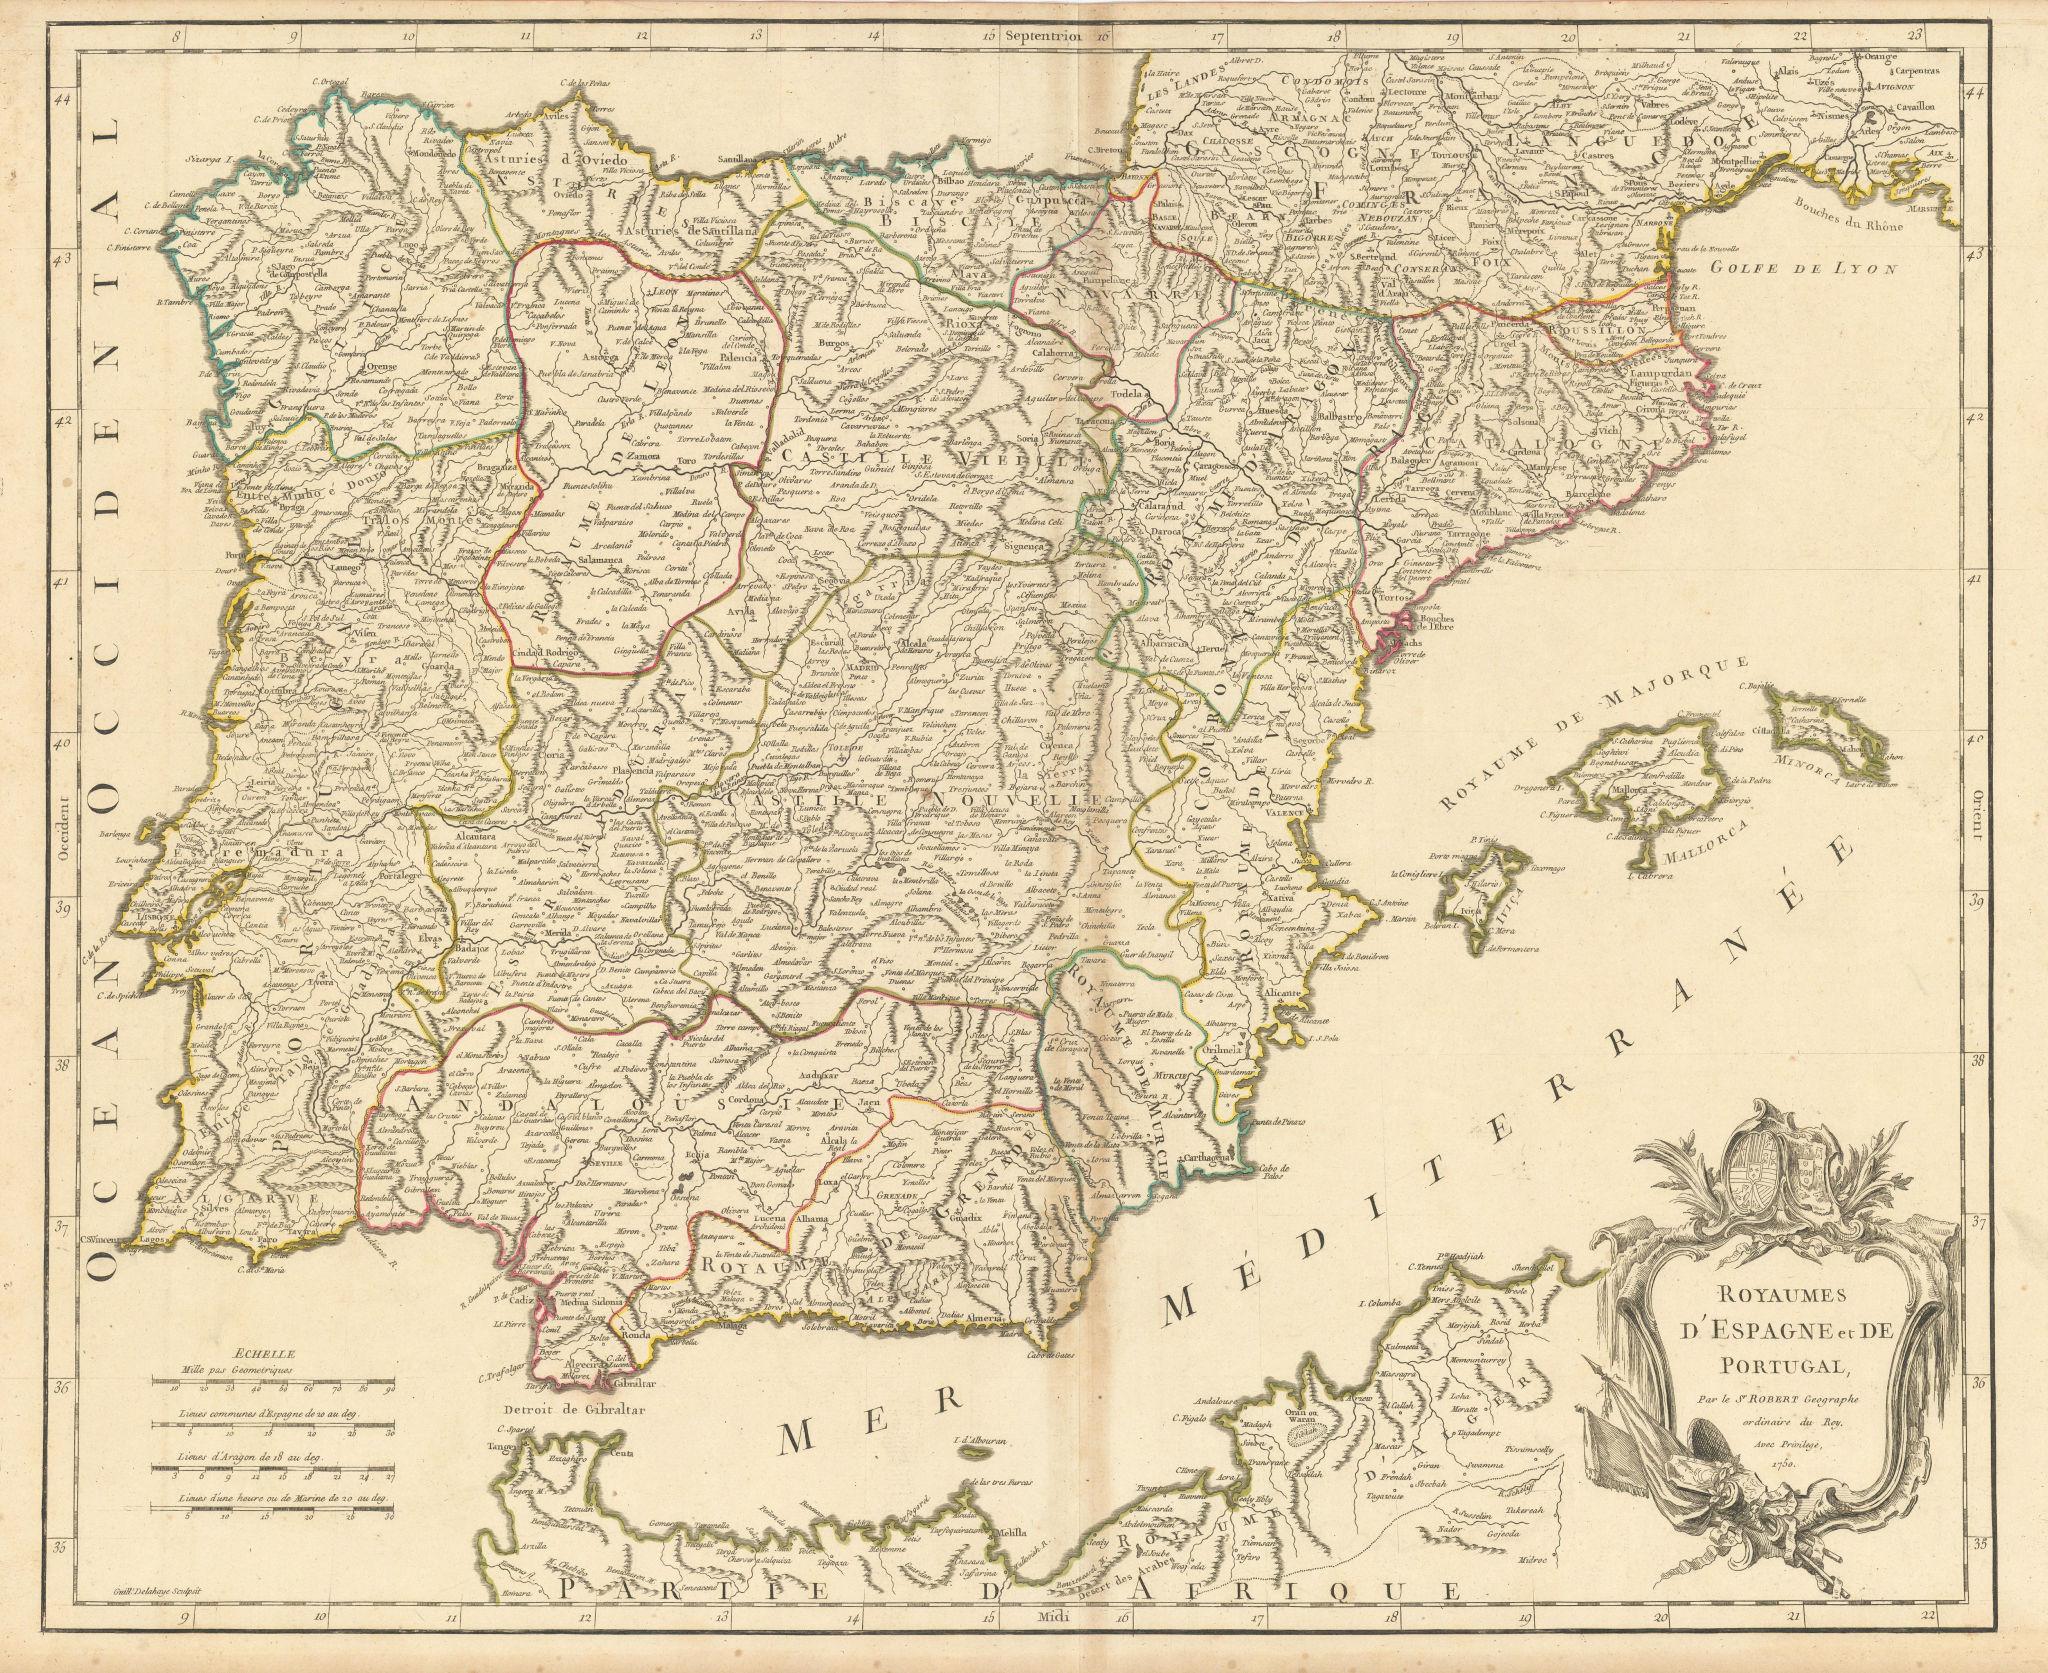 """""""Royaumes d'Espagne et de Portugal"""". Spain & Portugal. Iberia. VAUGONDY 1750 map"""